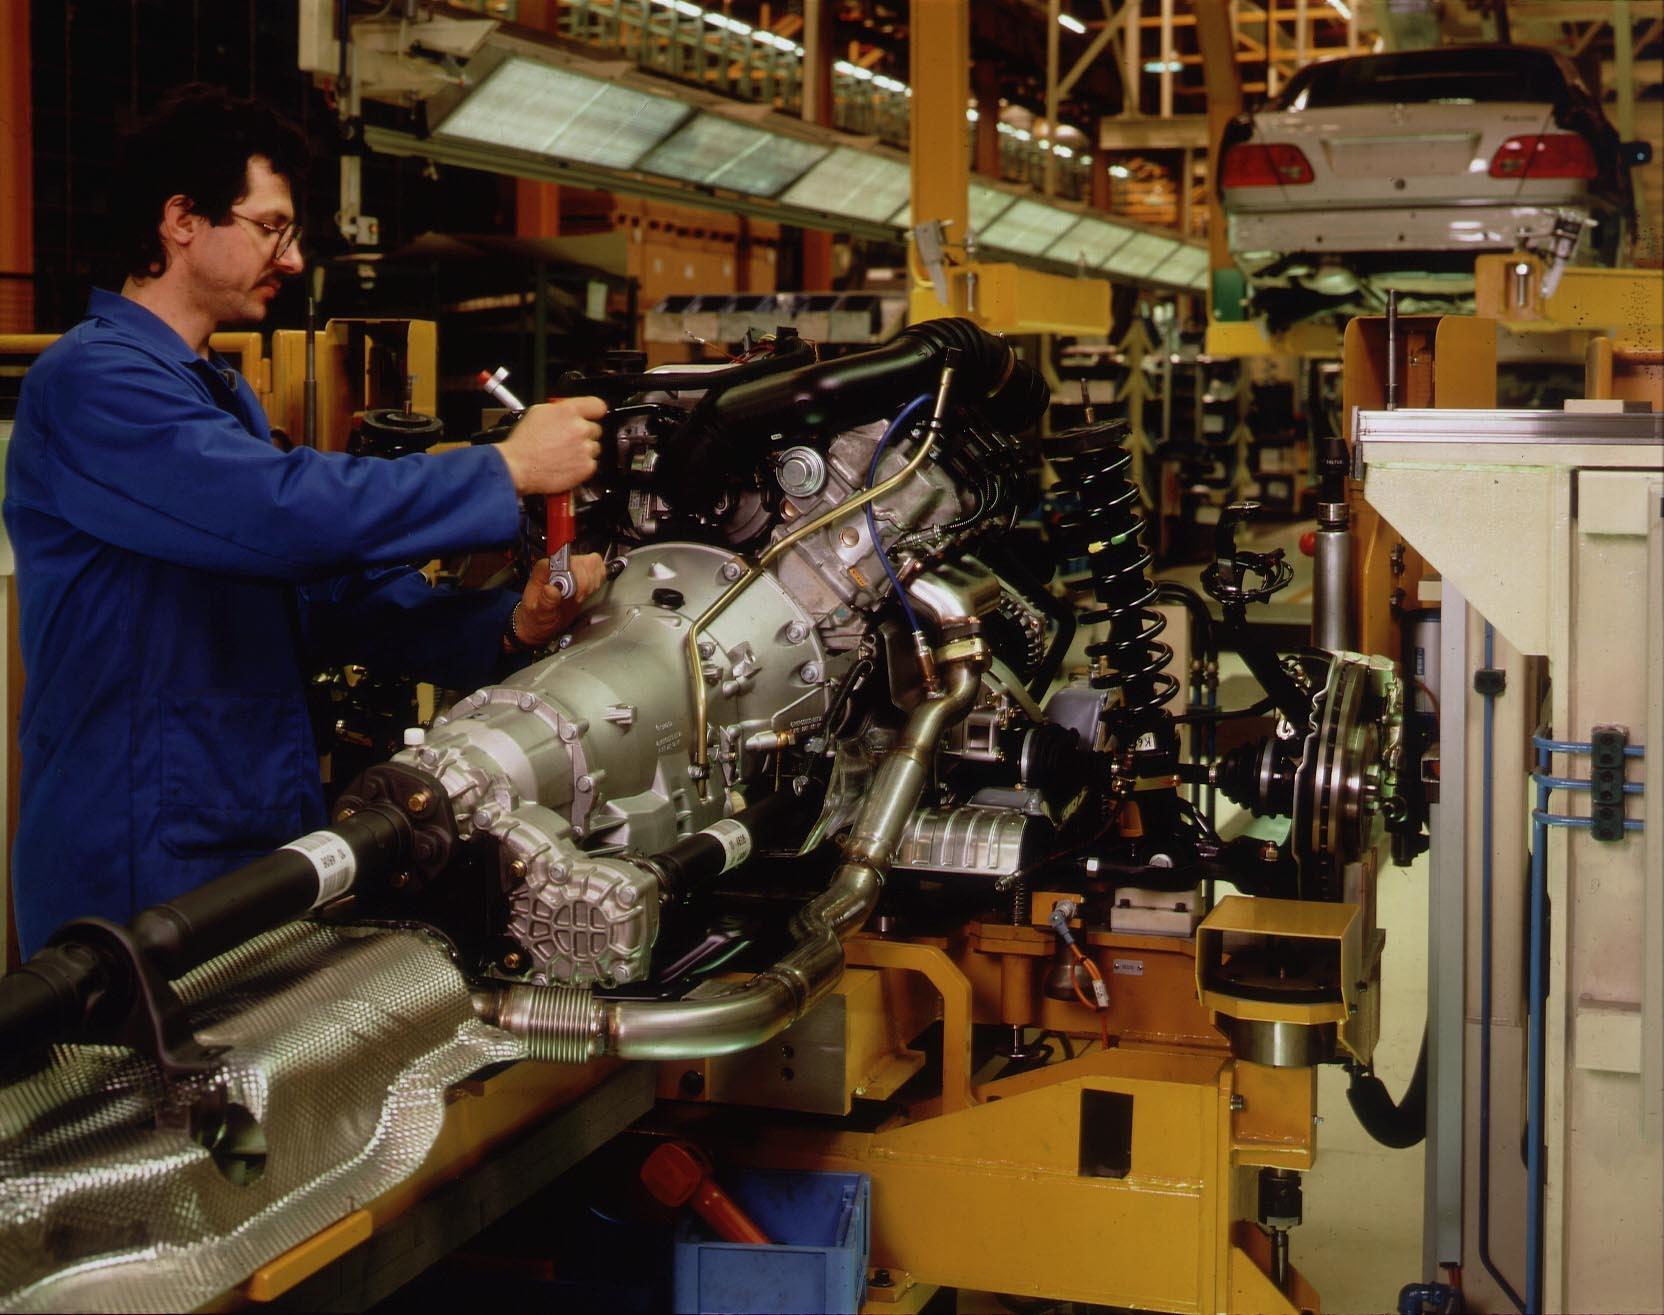 BILD ZU OTS055 UND OTS057 VON HEUTE -  Einen weiteren  international beachteten Beweis für ihre Gesamtfahrzeug-Kompetenz liefert die Steyr-Daimler-Puch Fahrzeugtechnik (SFT) in Graz, mit den neuen 4MATIC-Modellen der Mercedes E-Klasse.